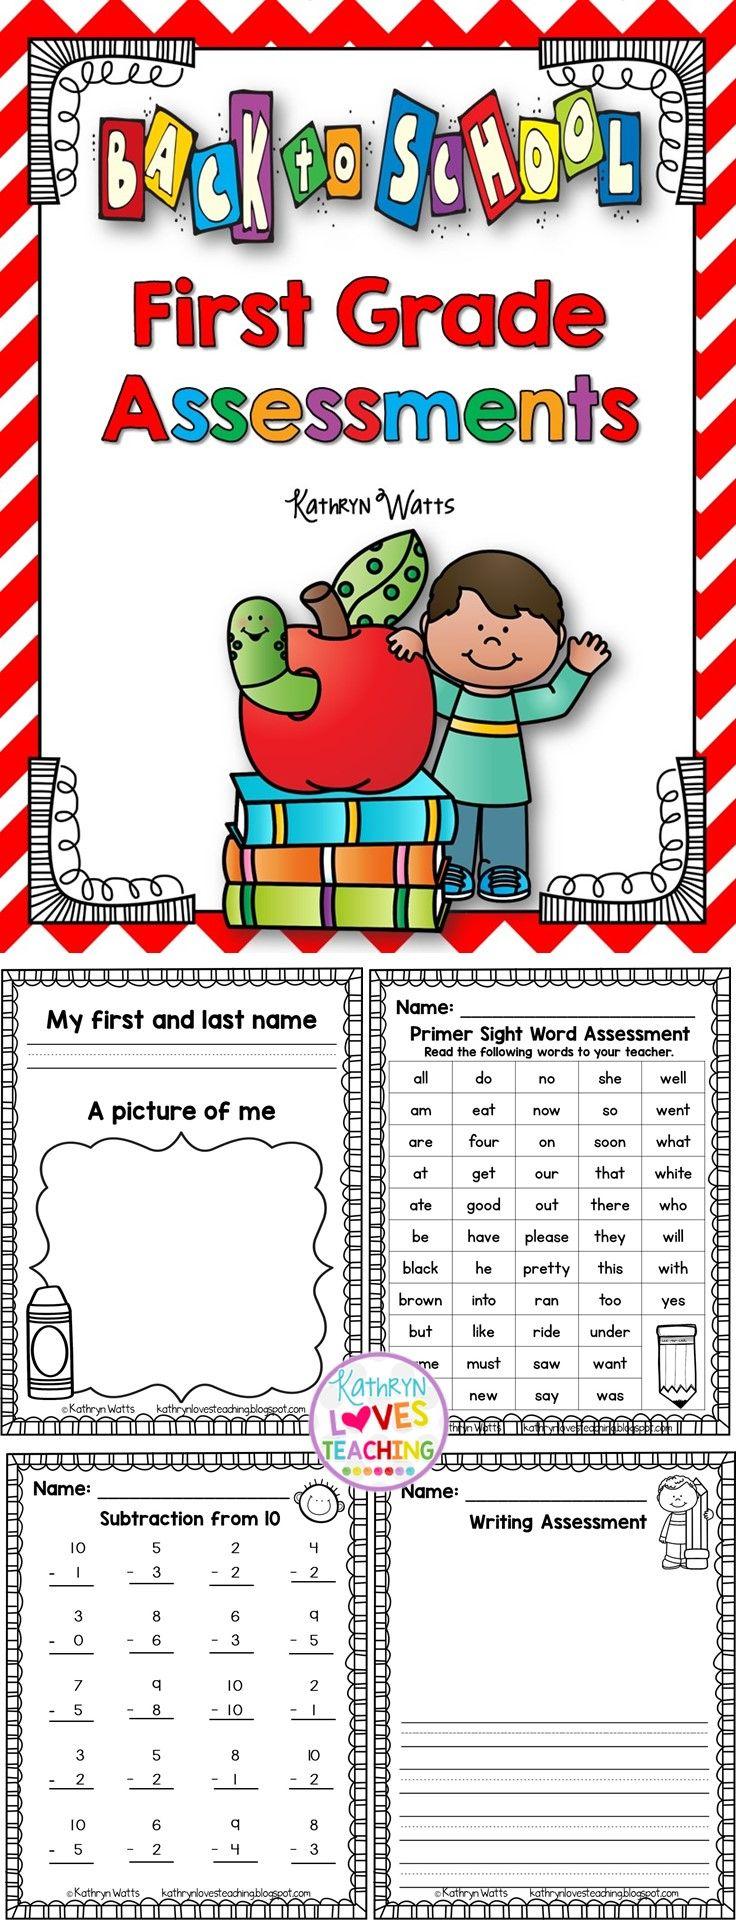 Worksheet First Grade best 25 first grade ideas on pinterest centers back to school assessments grade